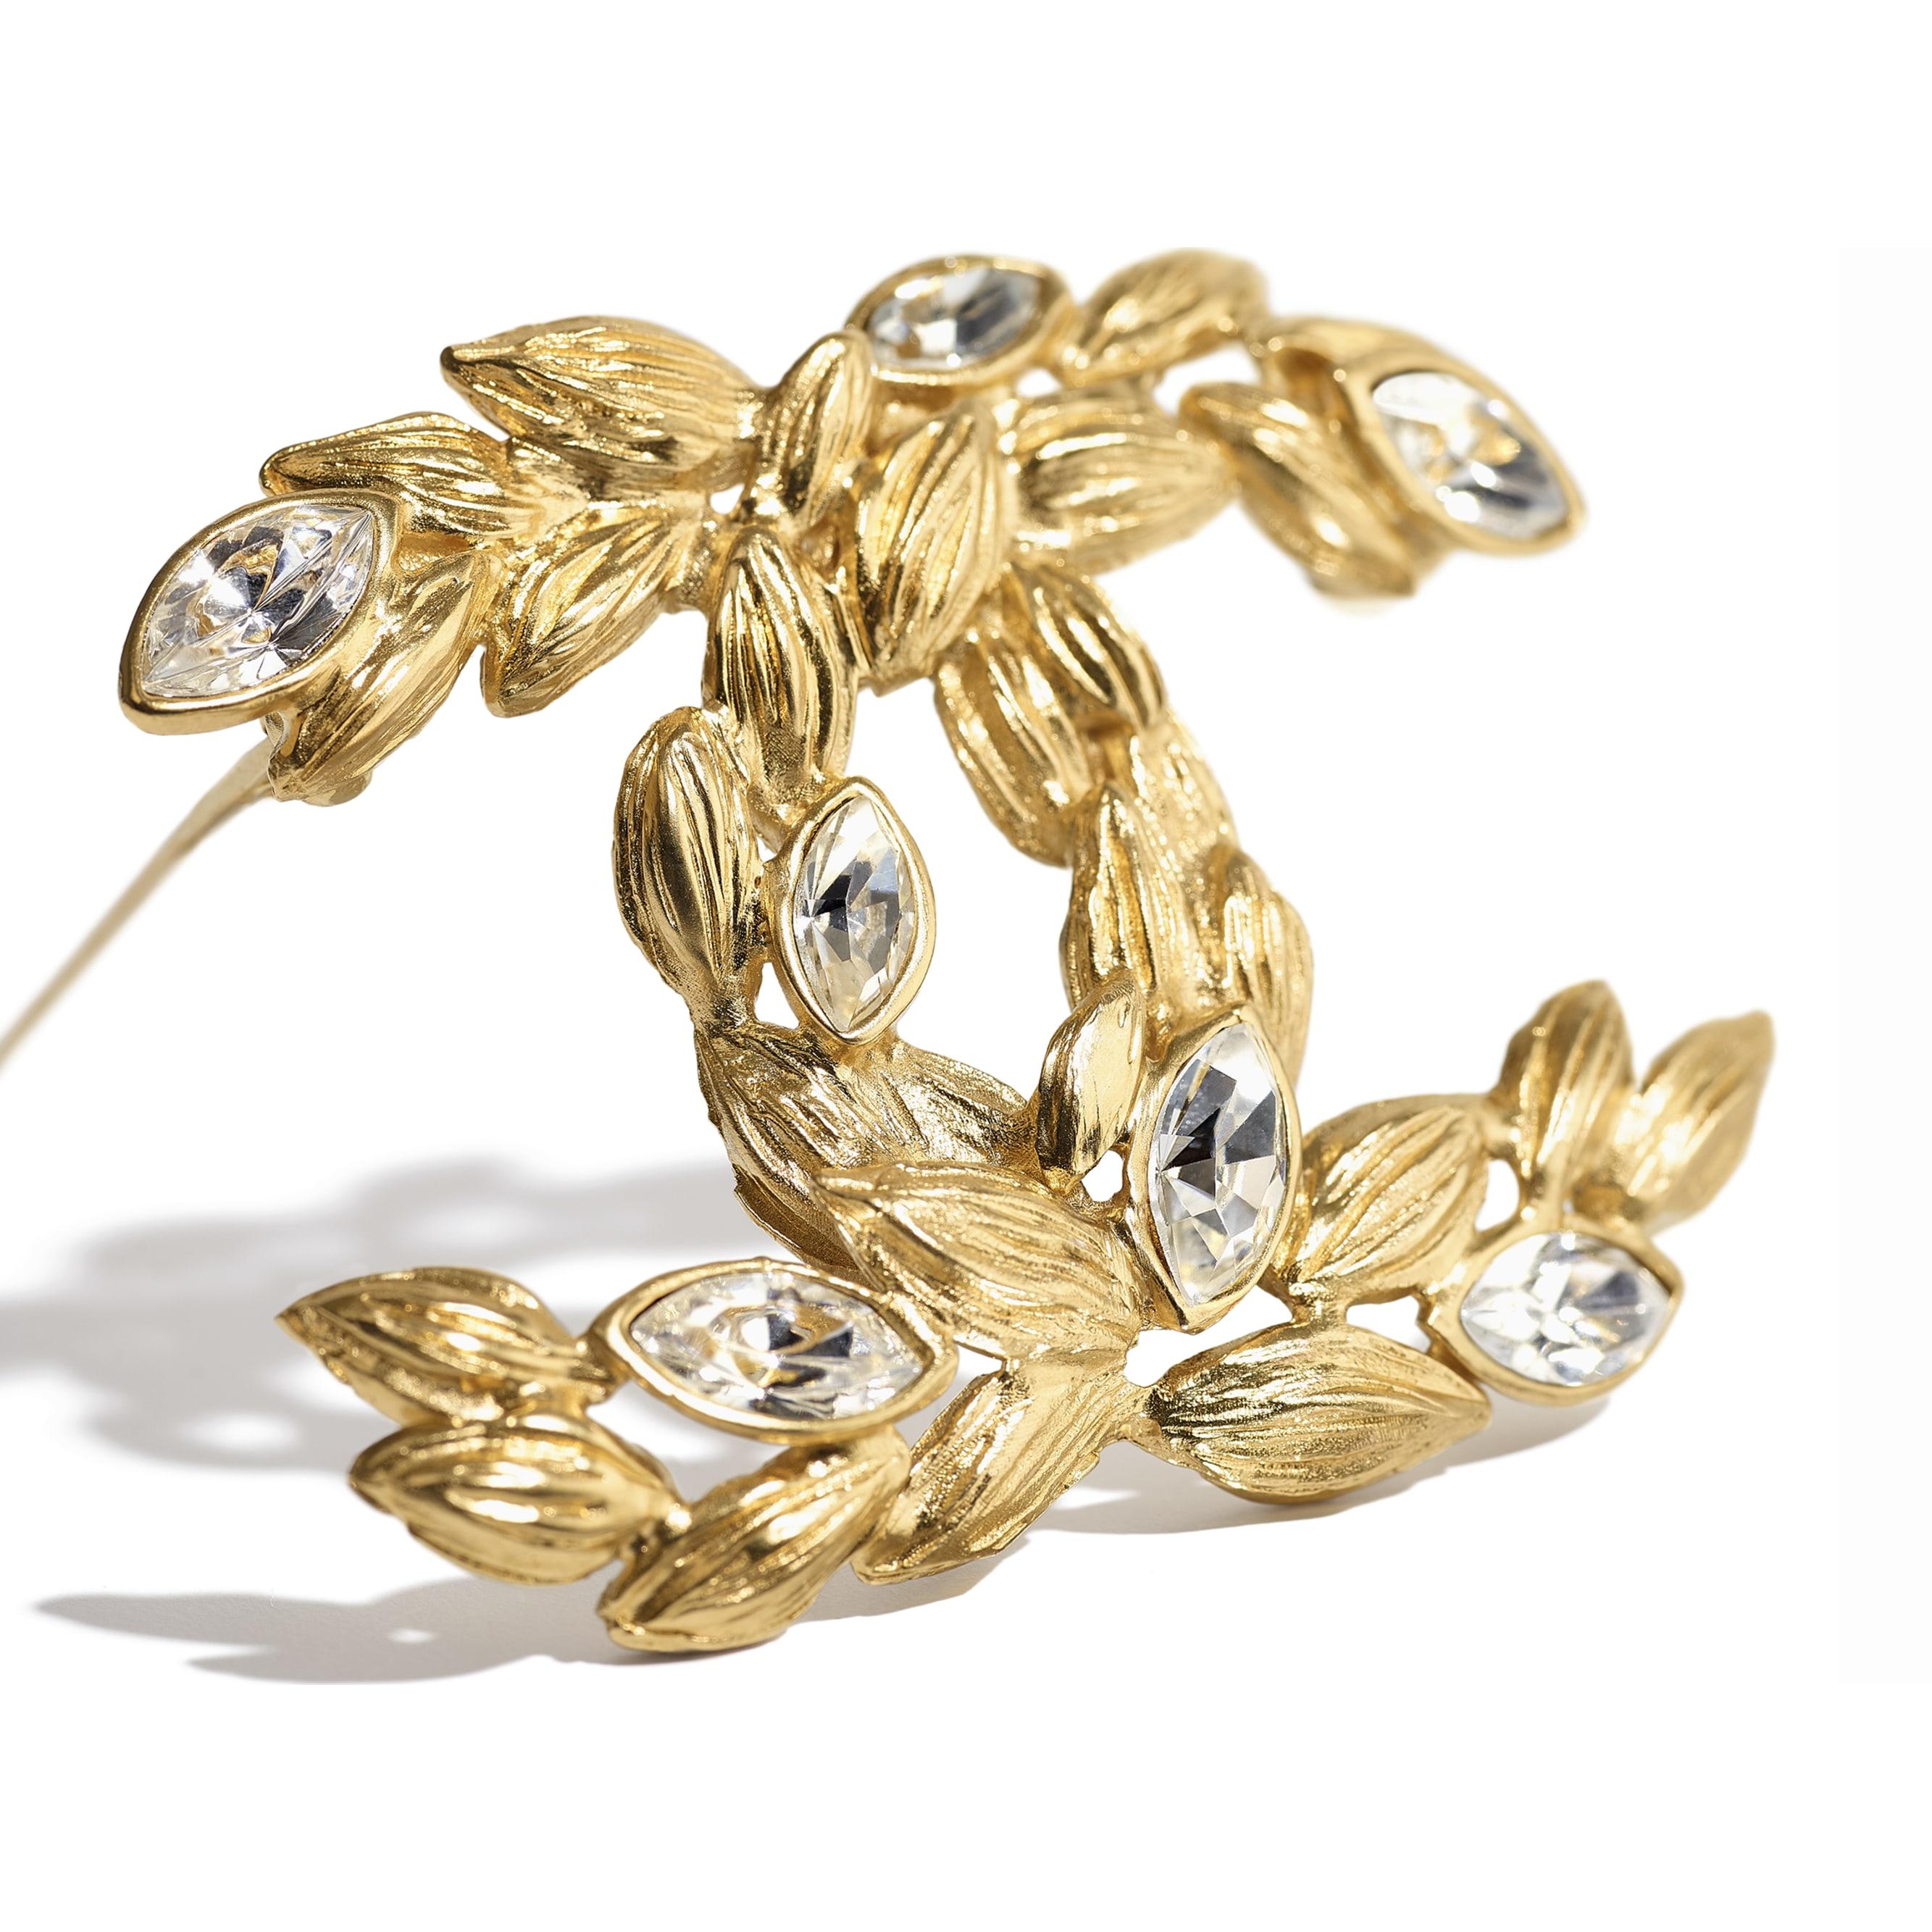 Broszka - Kolor złoty i krystaliczny - Metal i stras - CHANEL - Widok alternatywny – zobacz w standardowym rozmiarze